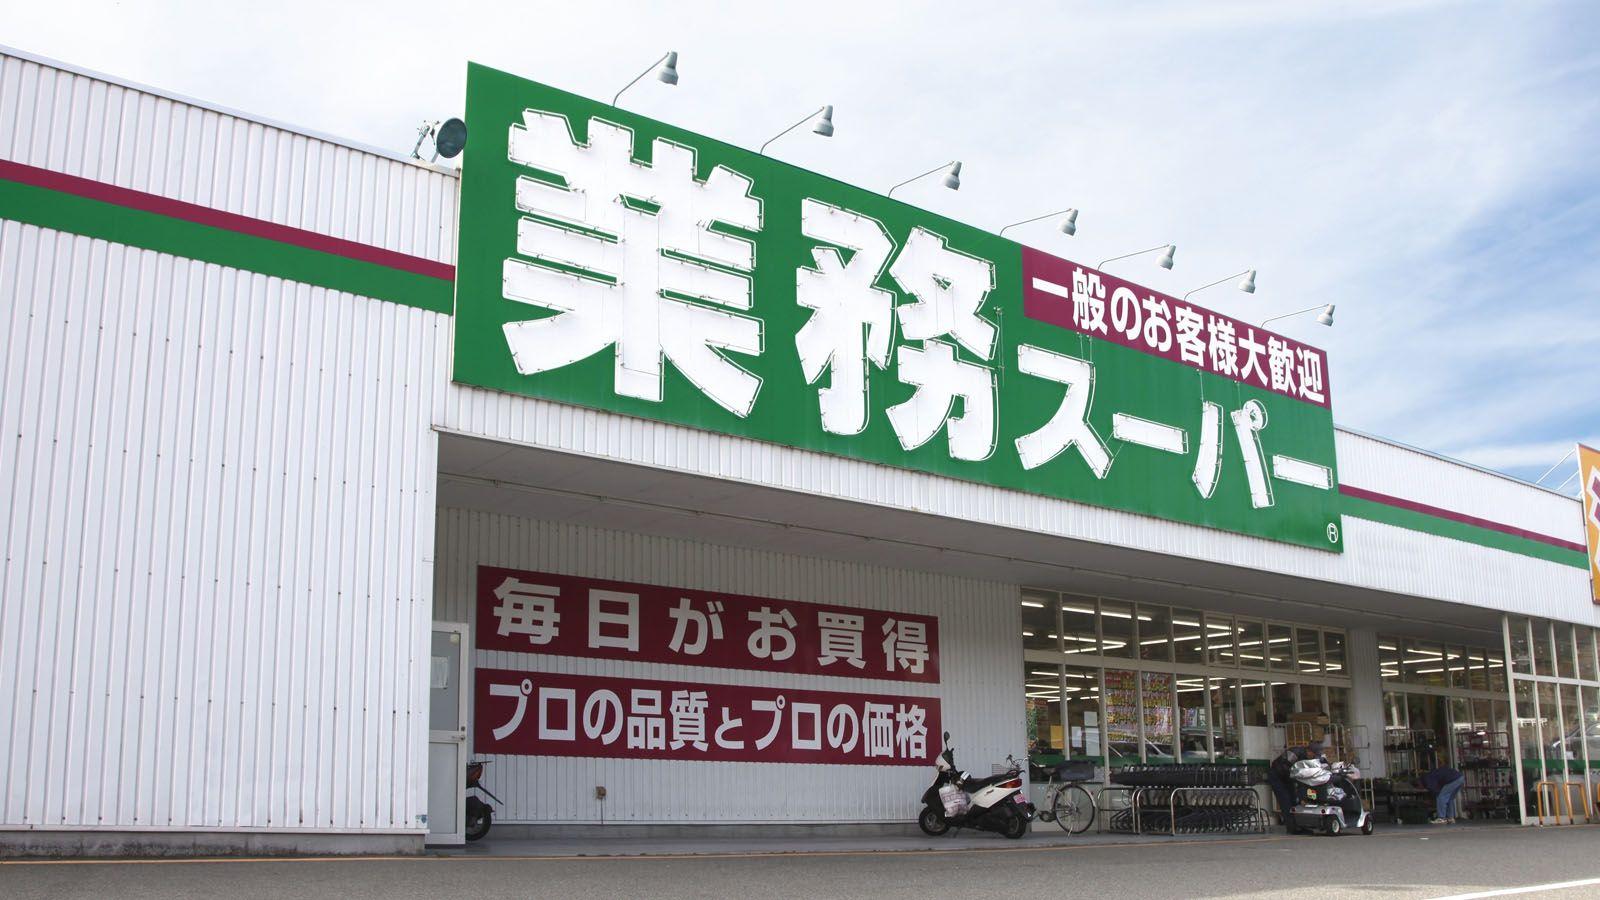 冷凍タピオカを売る「業務スーパー」が今スゴい | 百貨店・量販店・総合スーパー | 東洋経済オンライン | 経済ニュースの新基準